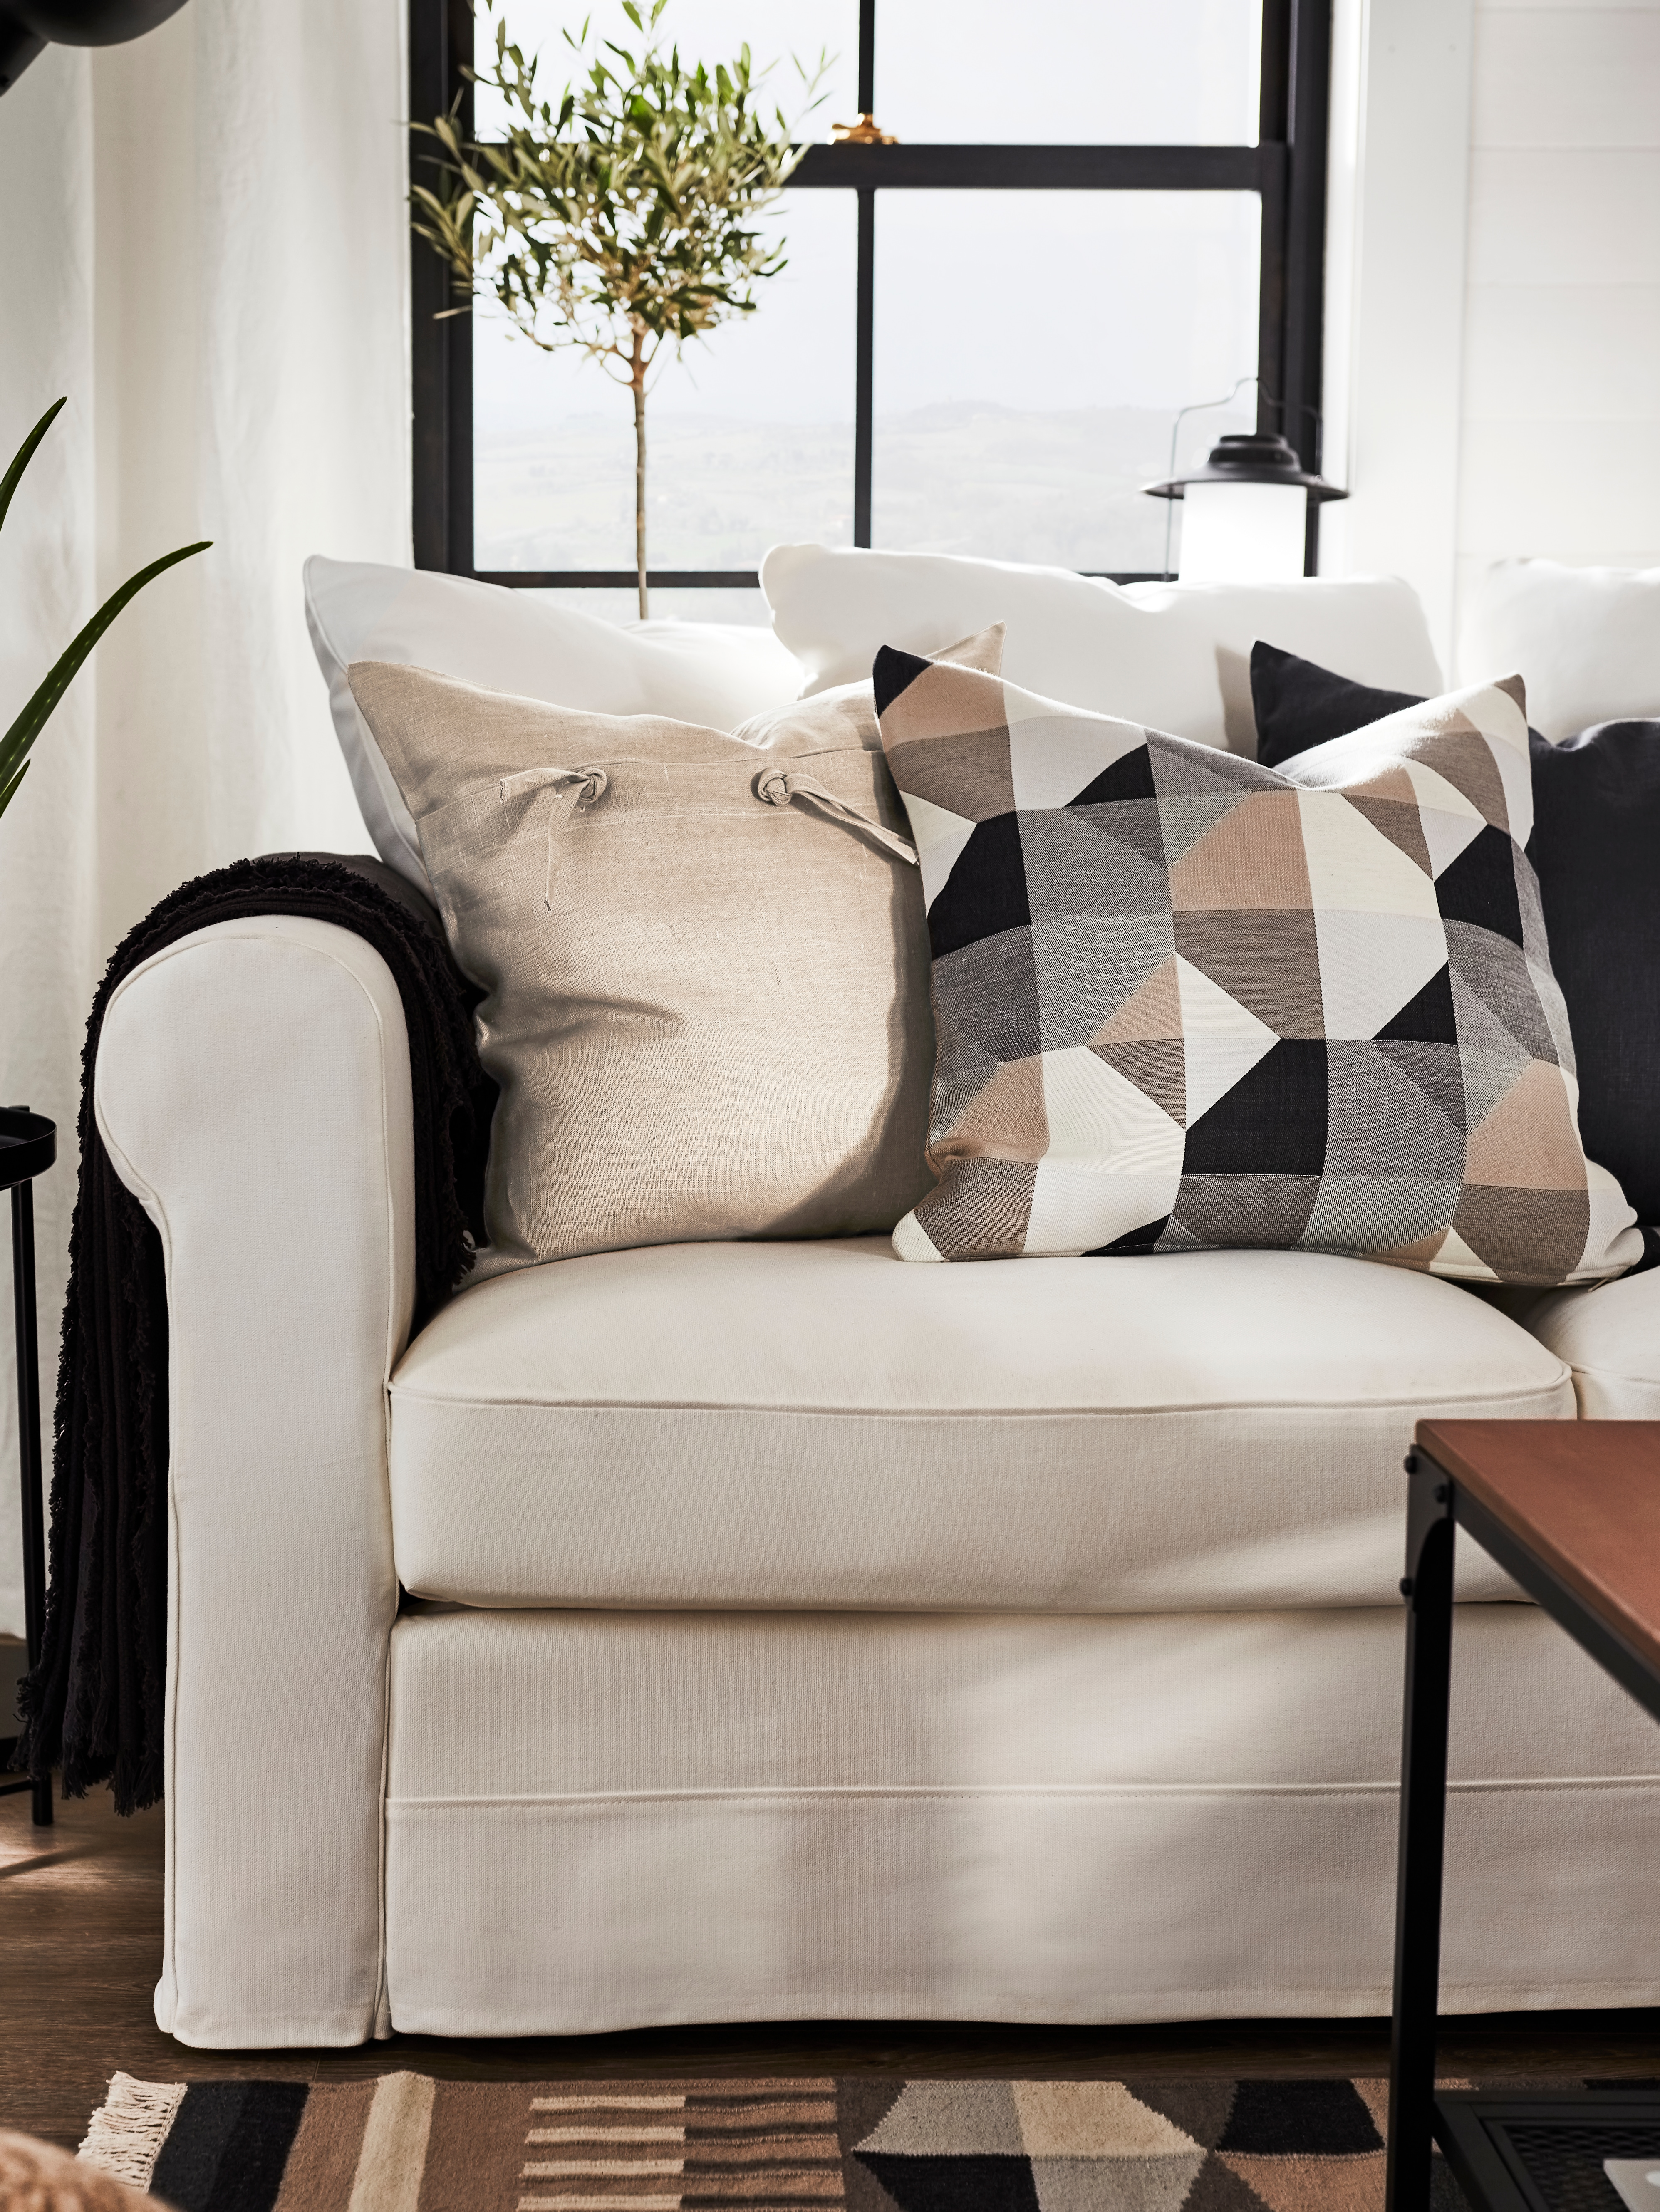 Un divano bianco ha cuscini quadrati con varie fodere, tra cui una fodera SVARTHÖ beige con motivo geometrico.